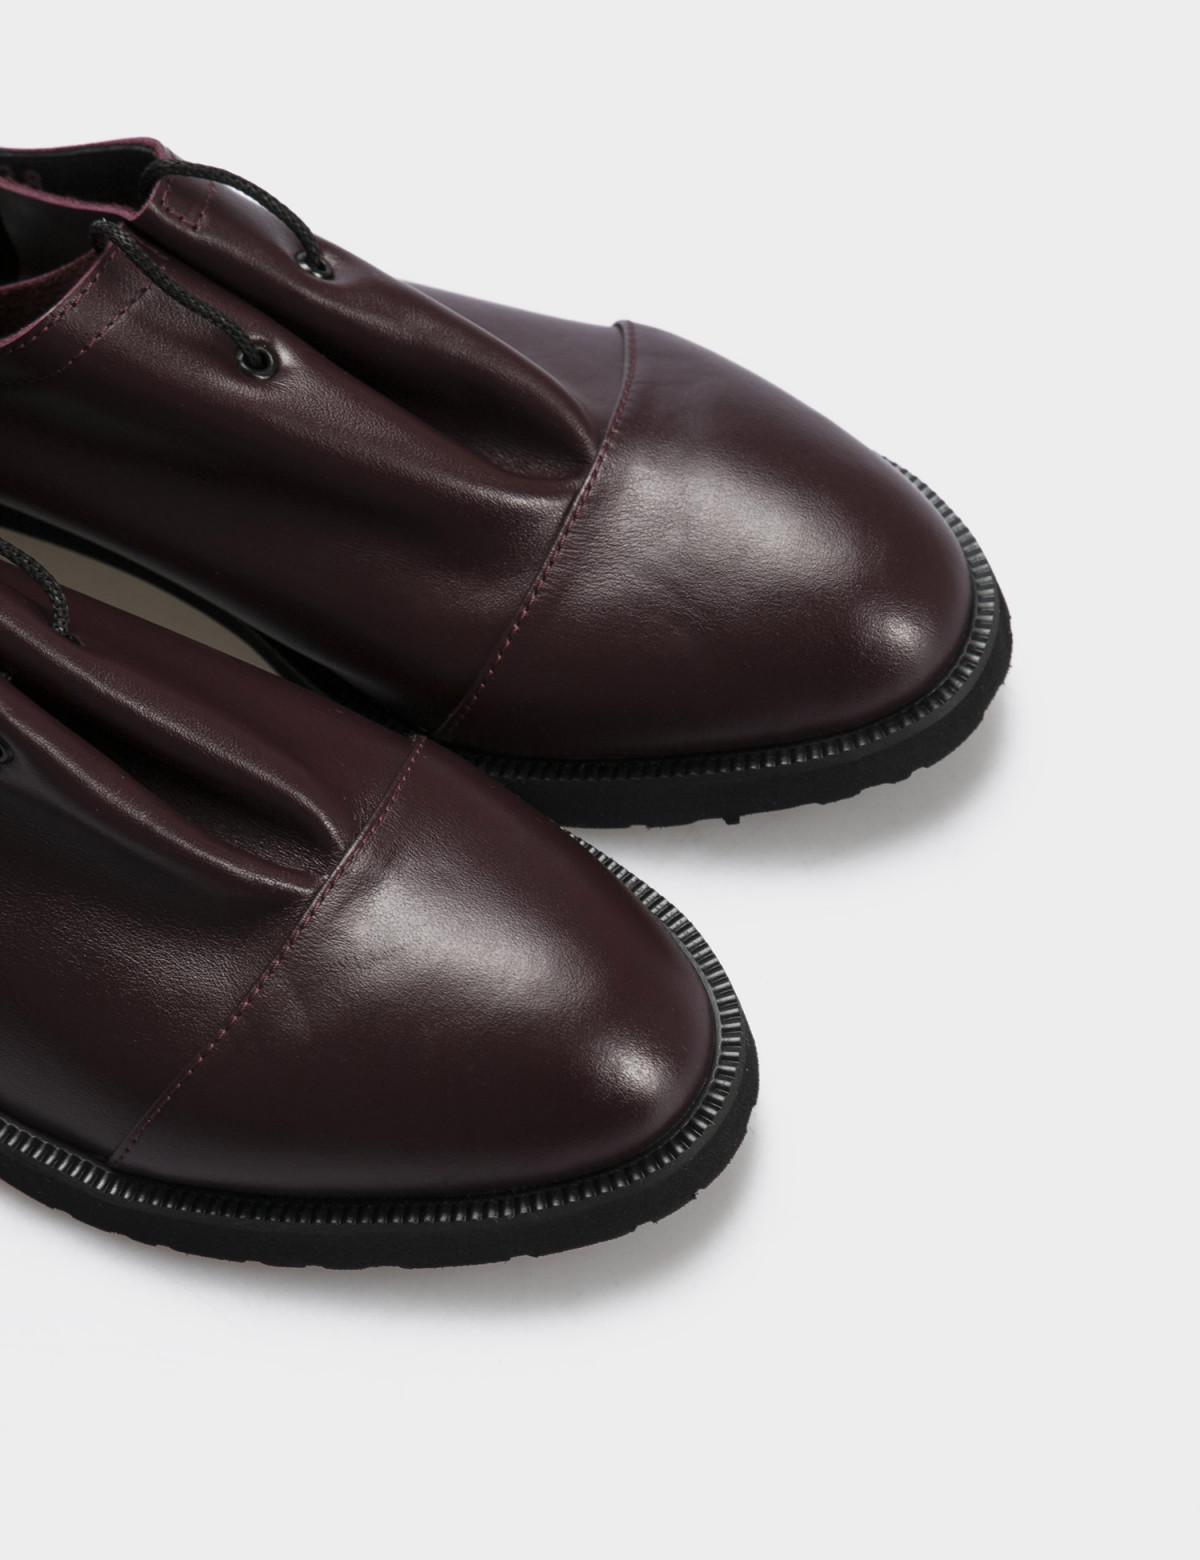 Туфли бордовые, натуральная кожа3